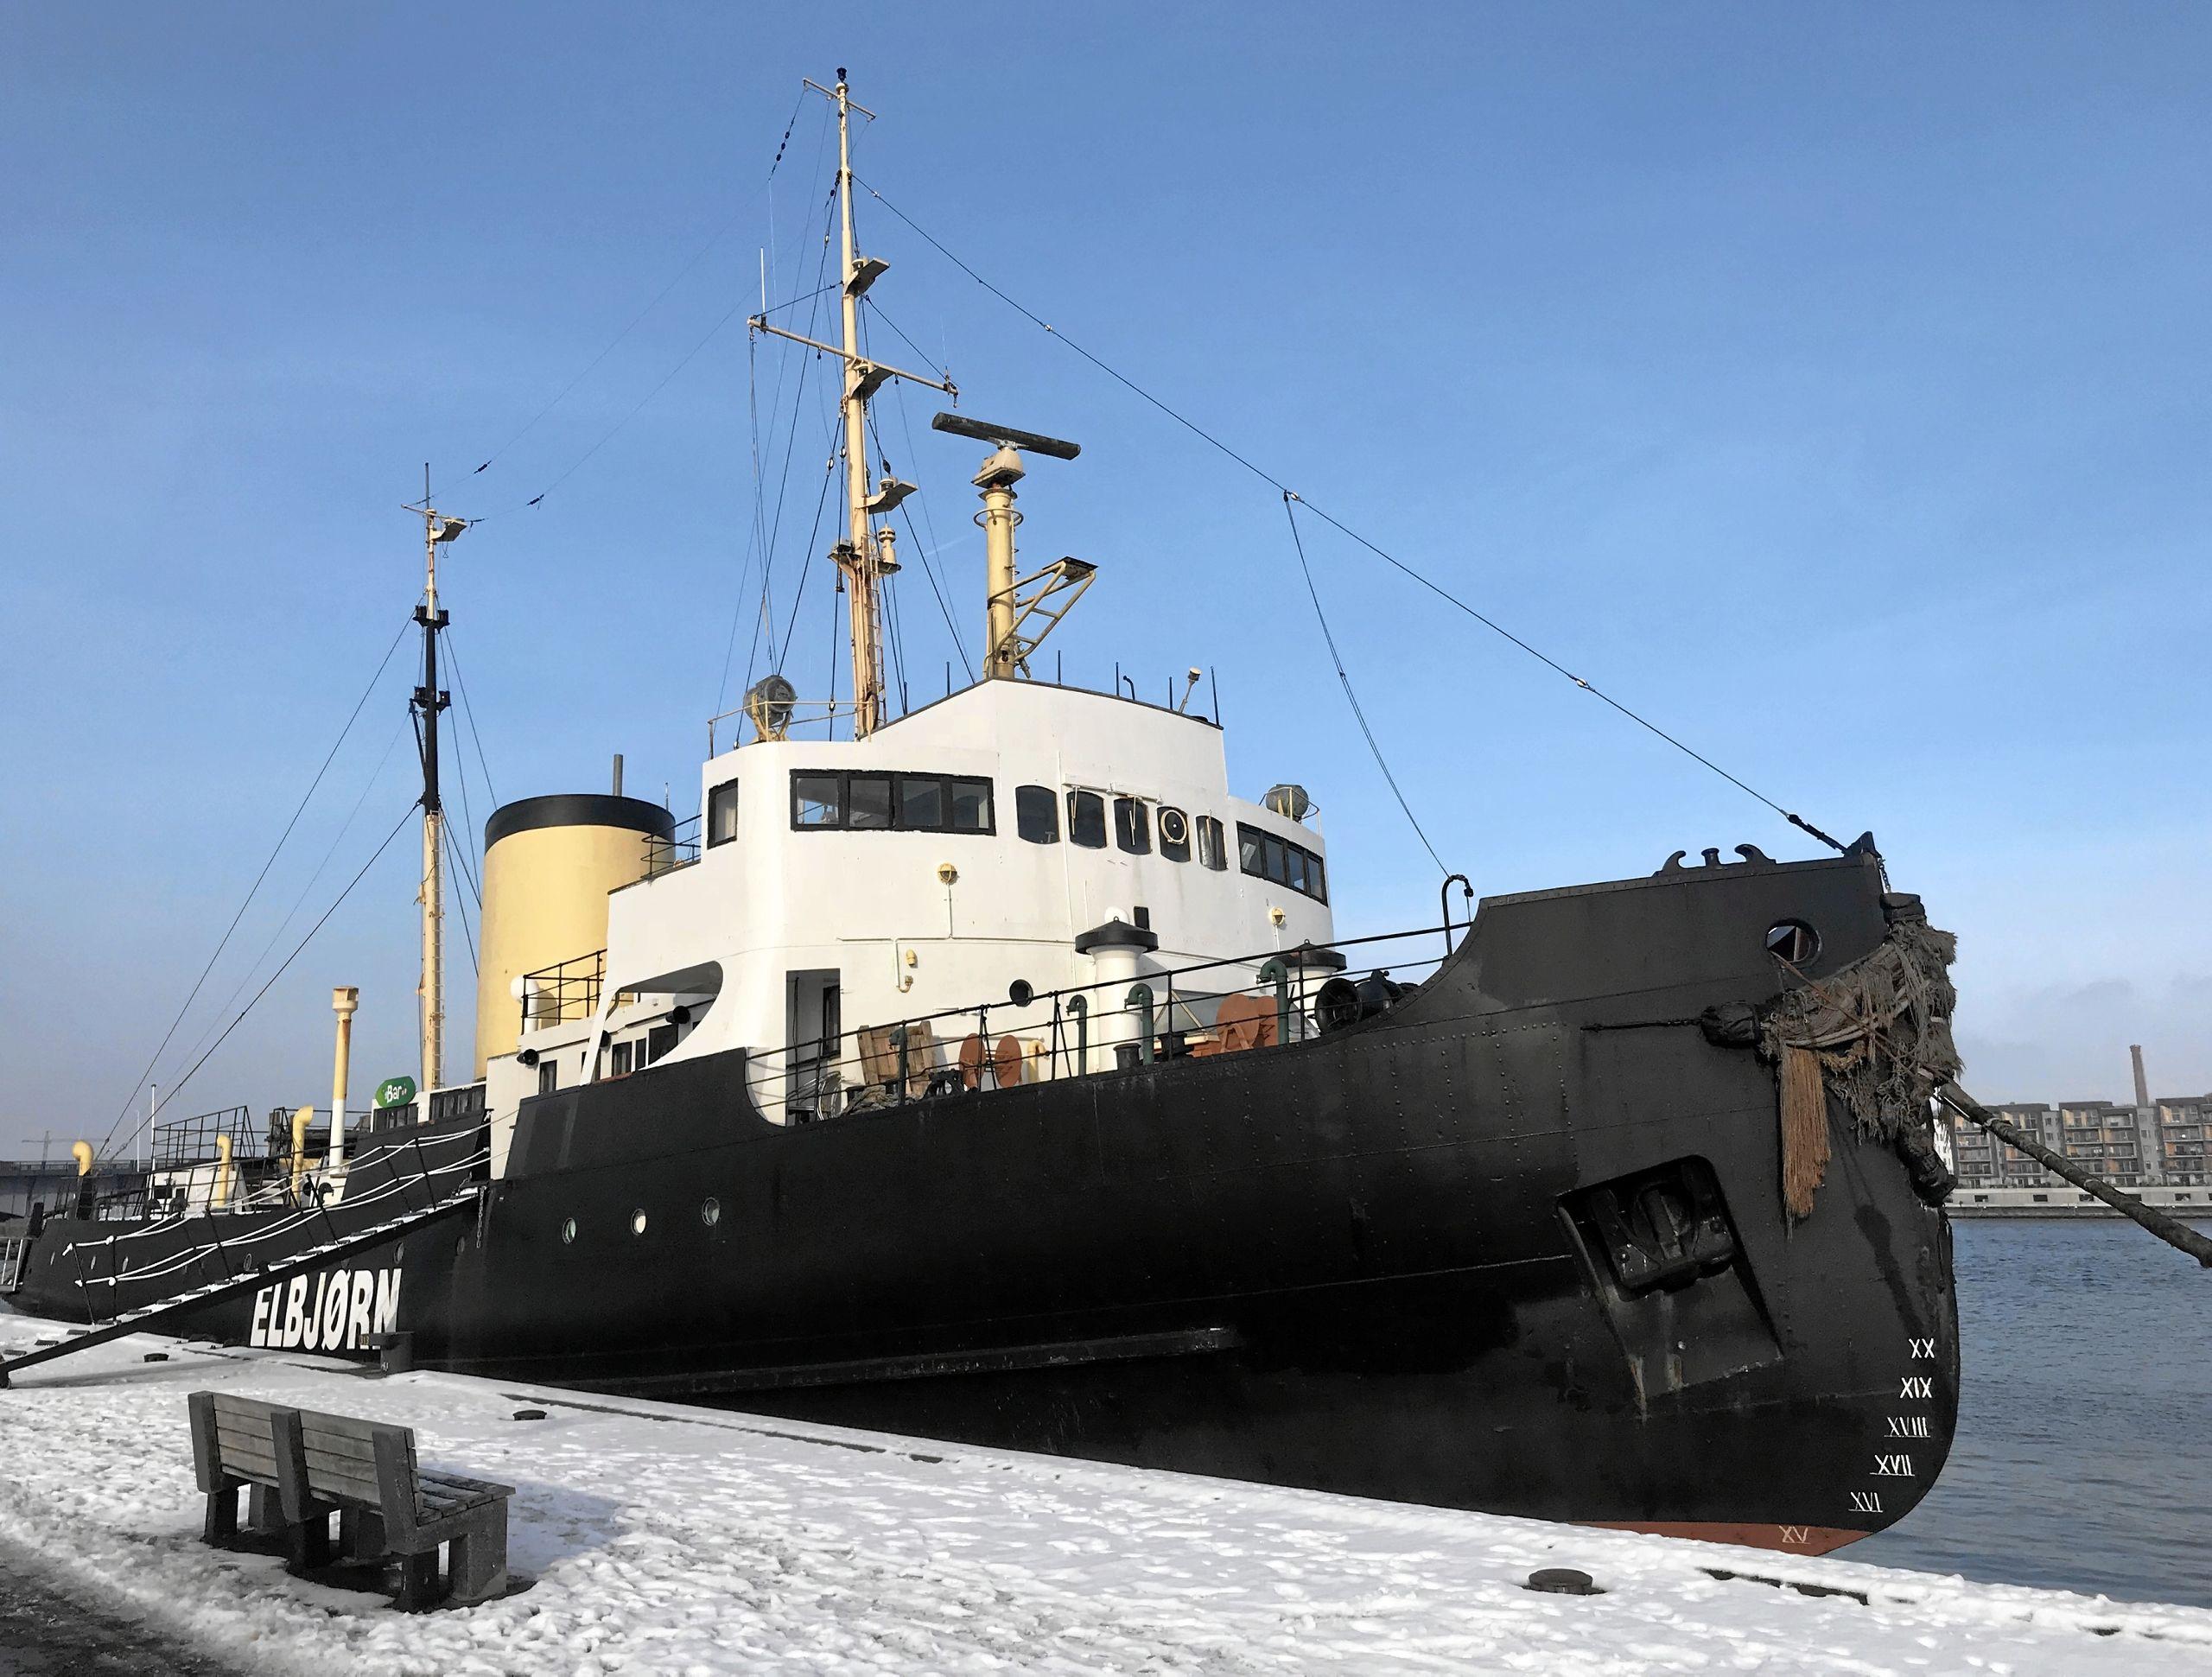 Komfuret er iskoldt på Elbjørn, der nu frister en tilværelse som spøgelsesskib